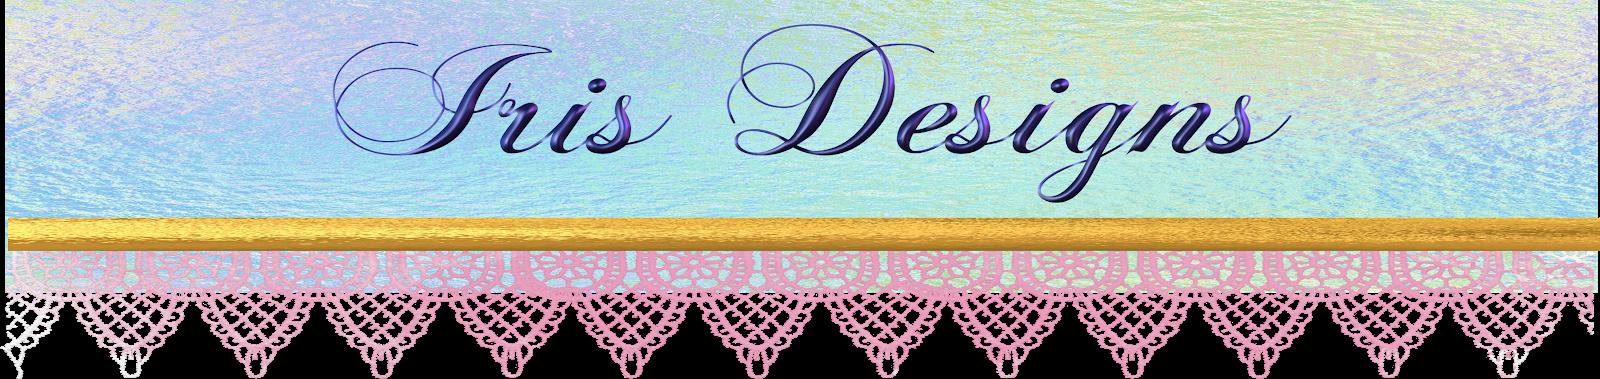 Iris designs